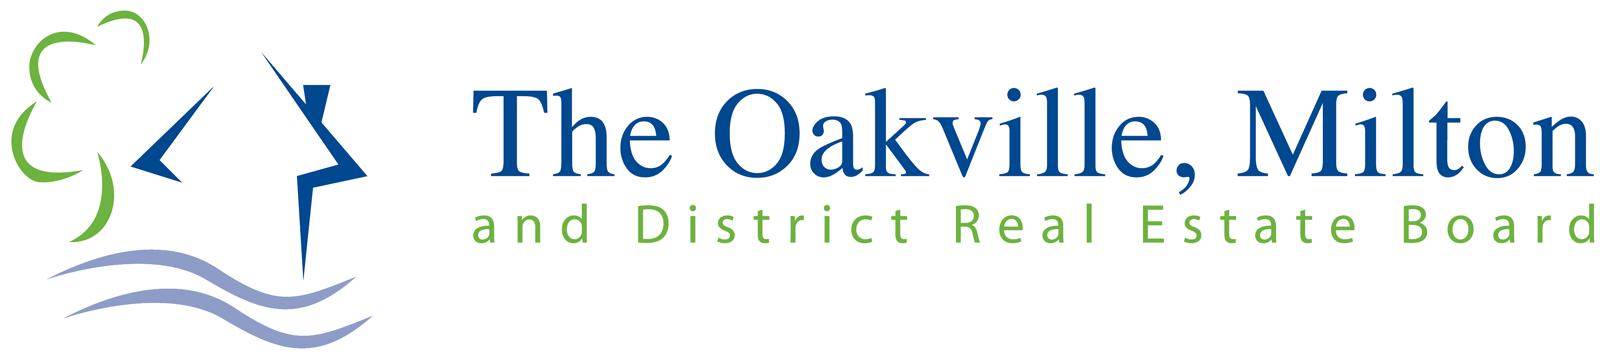 OMDREB-logo_HRV